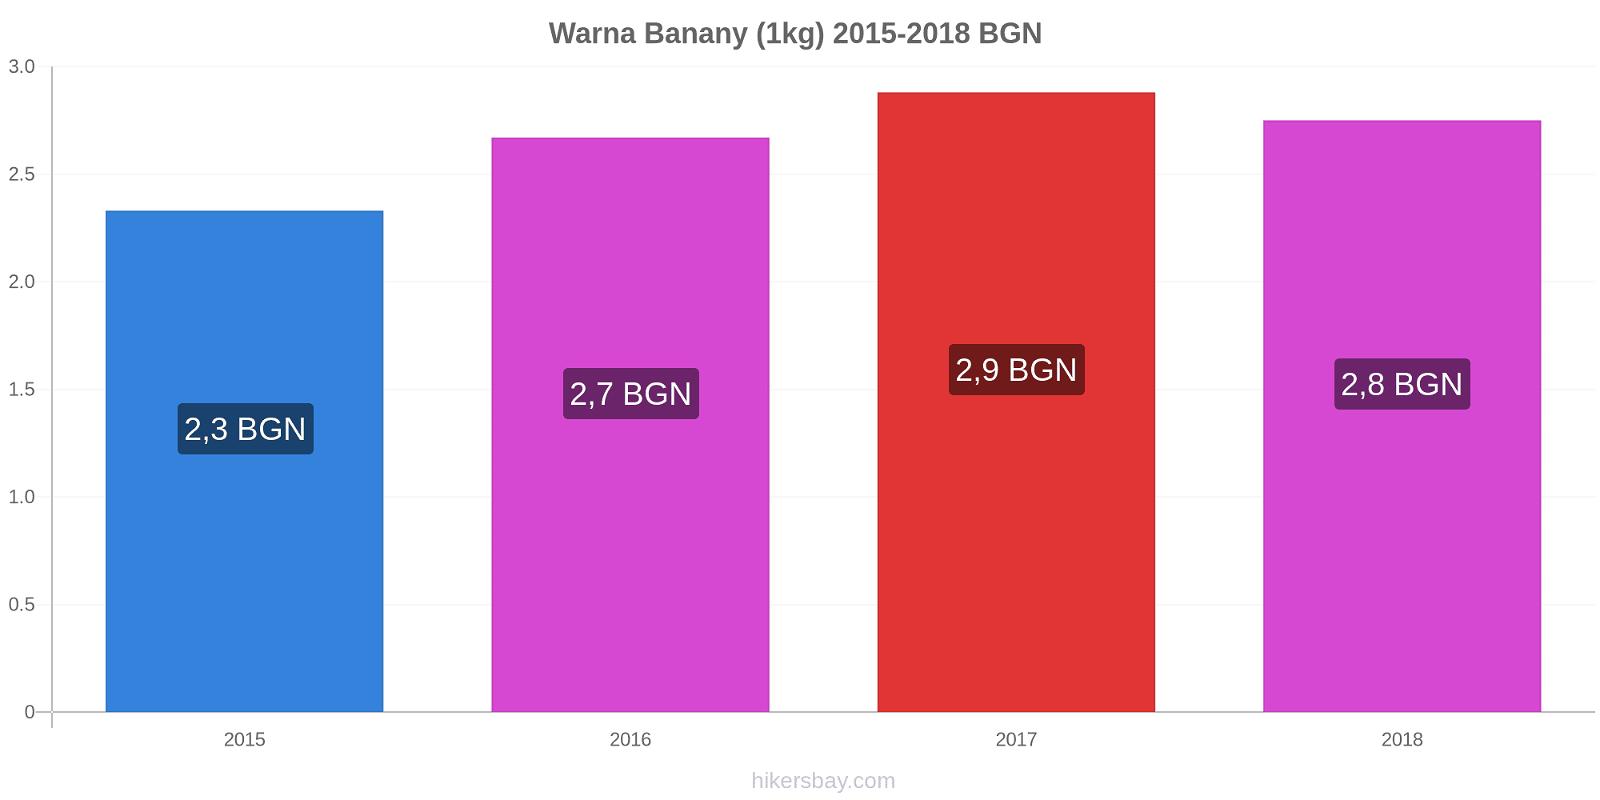 Warna zmiany cen Banany (1kg) hikersbay.com